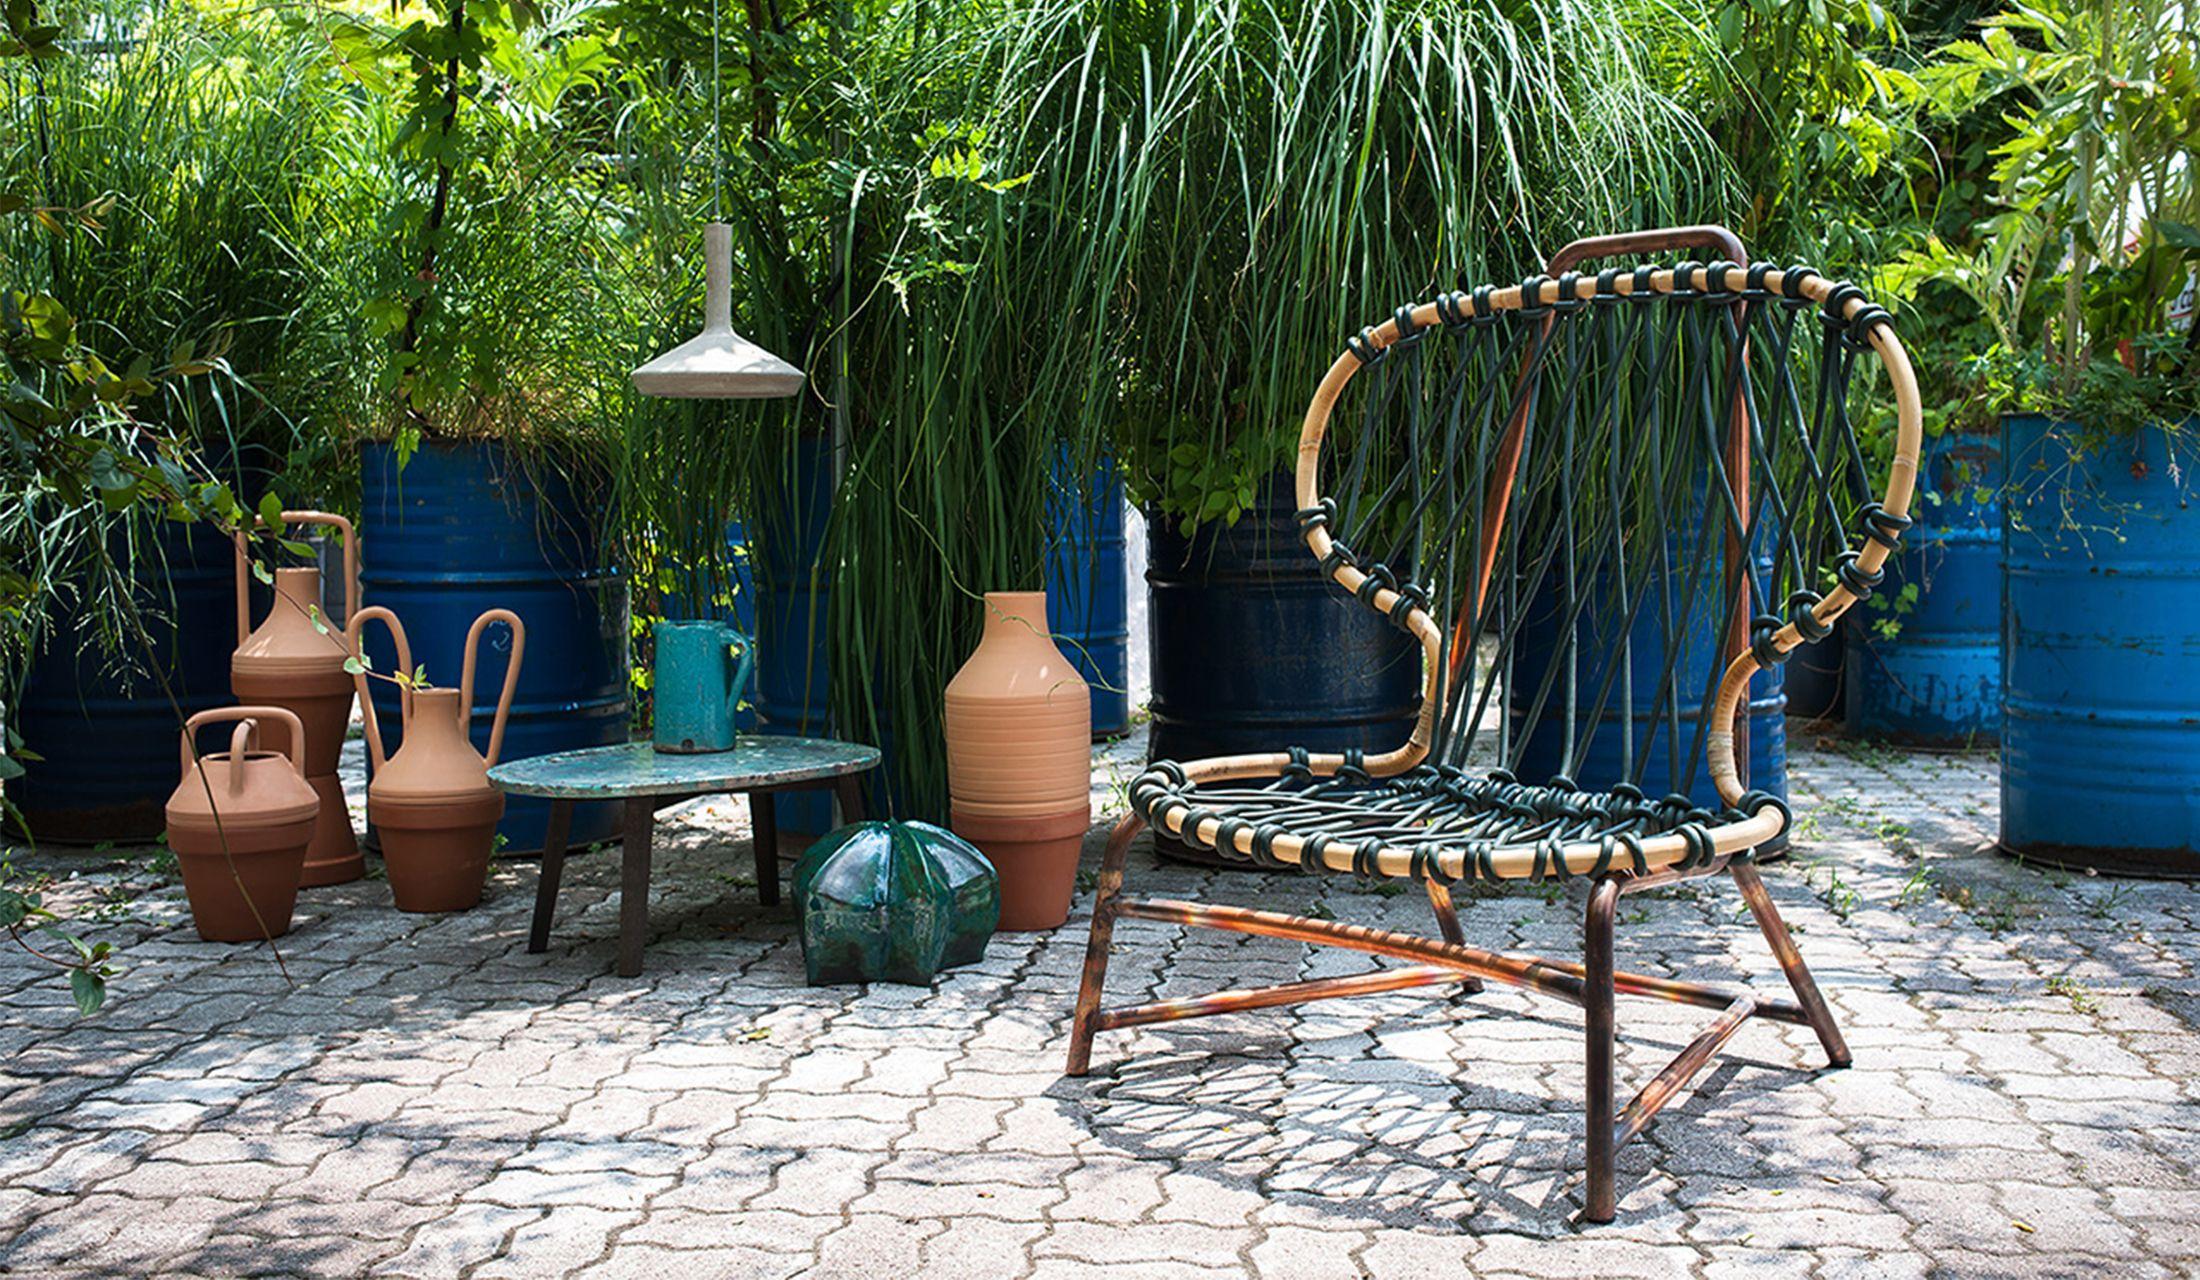 異国情緒が漂う庭に置かれたマニラアームチェア